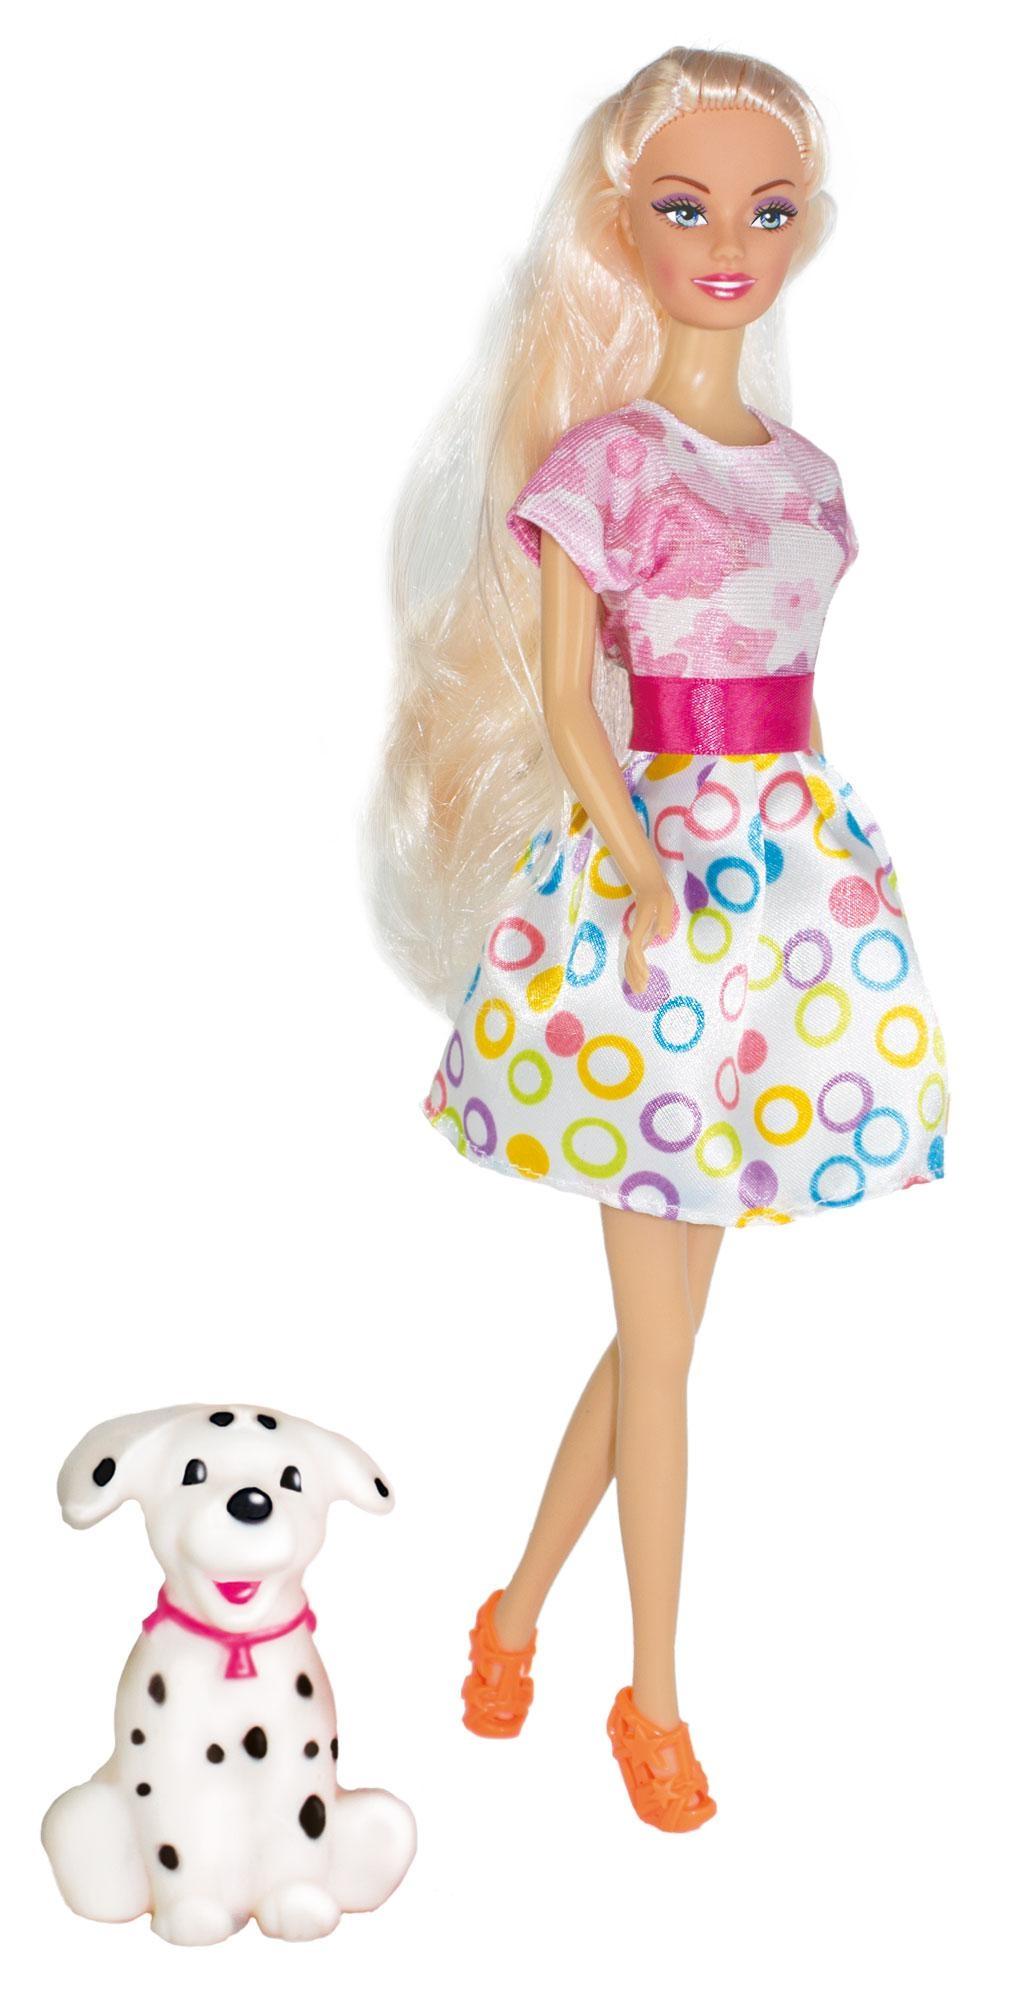 Кукла ToysLab Ася Прогулка с щенком Блондинка в розово-белом платье, 28 см, 35058 набор кукла ася джинсовая коллекция 28 см дизайн 1 toyslab ася